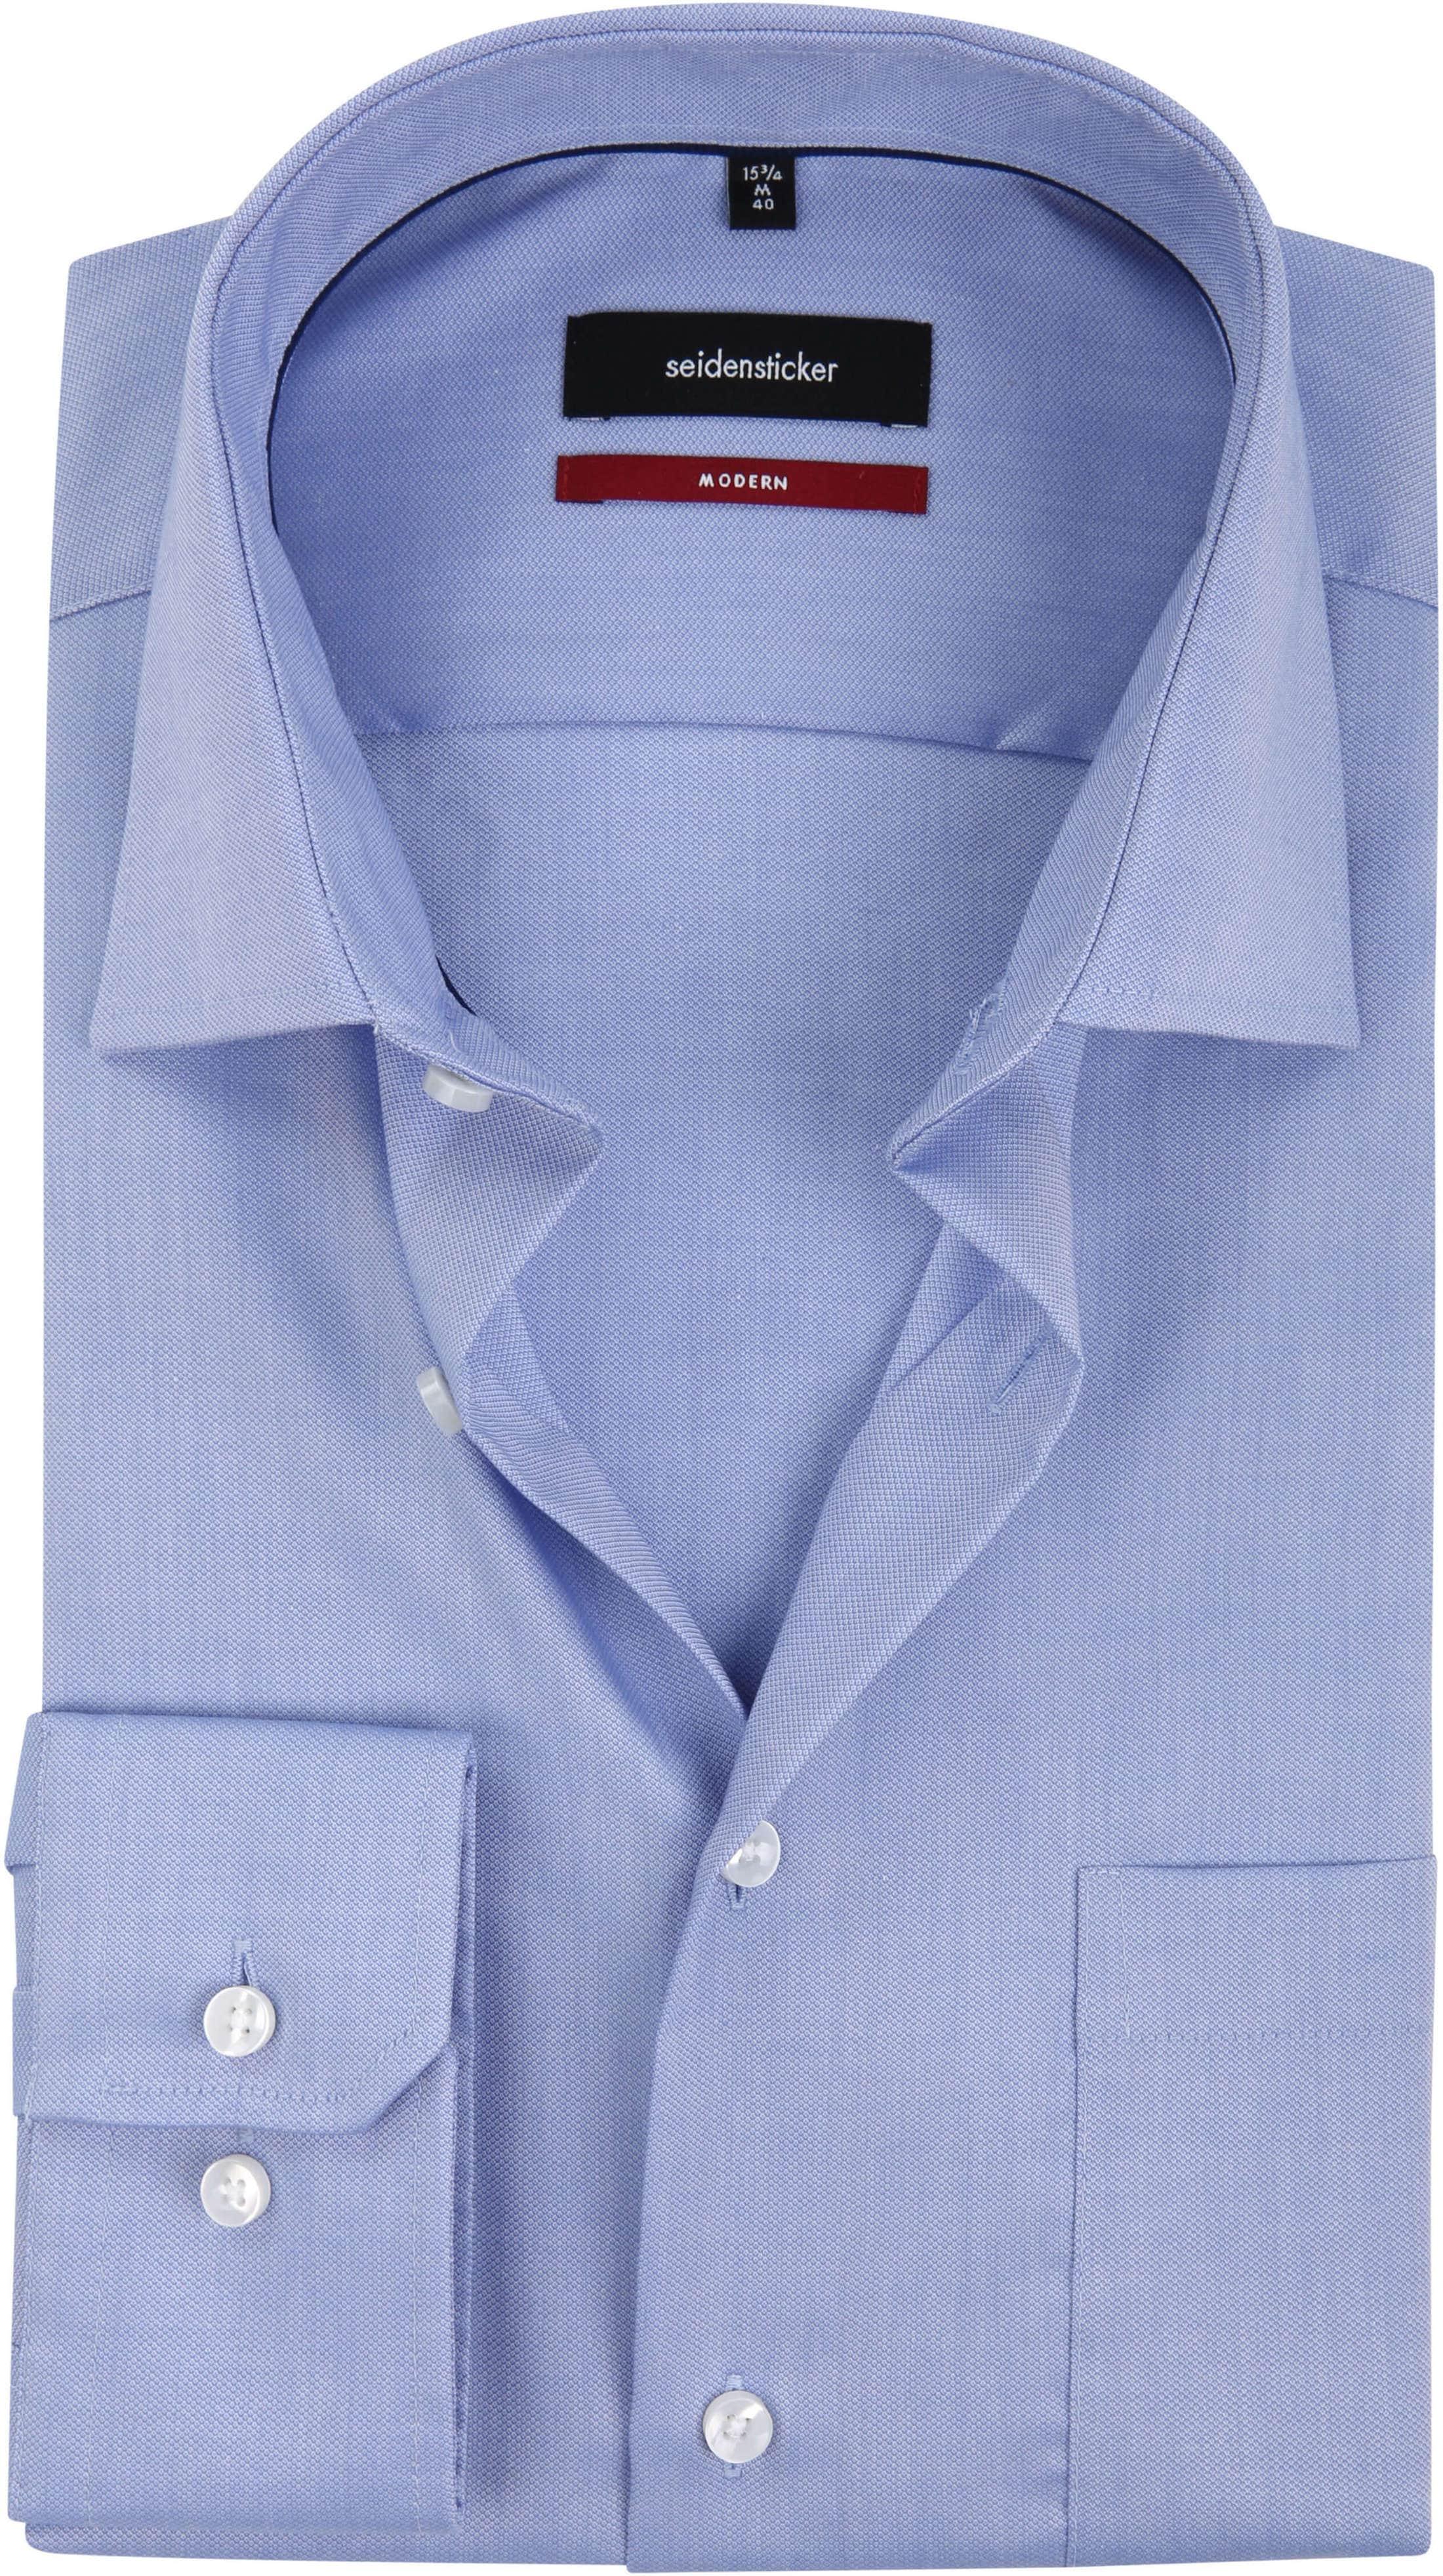 Seidensticker Overhemd MF Blauw foto 0